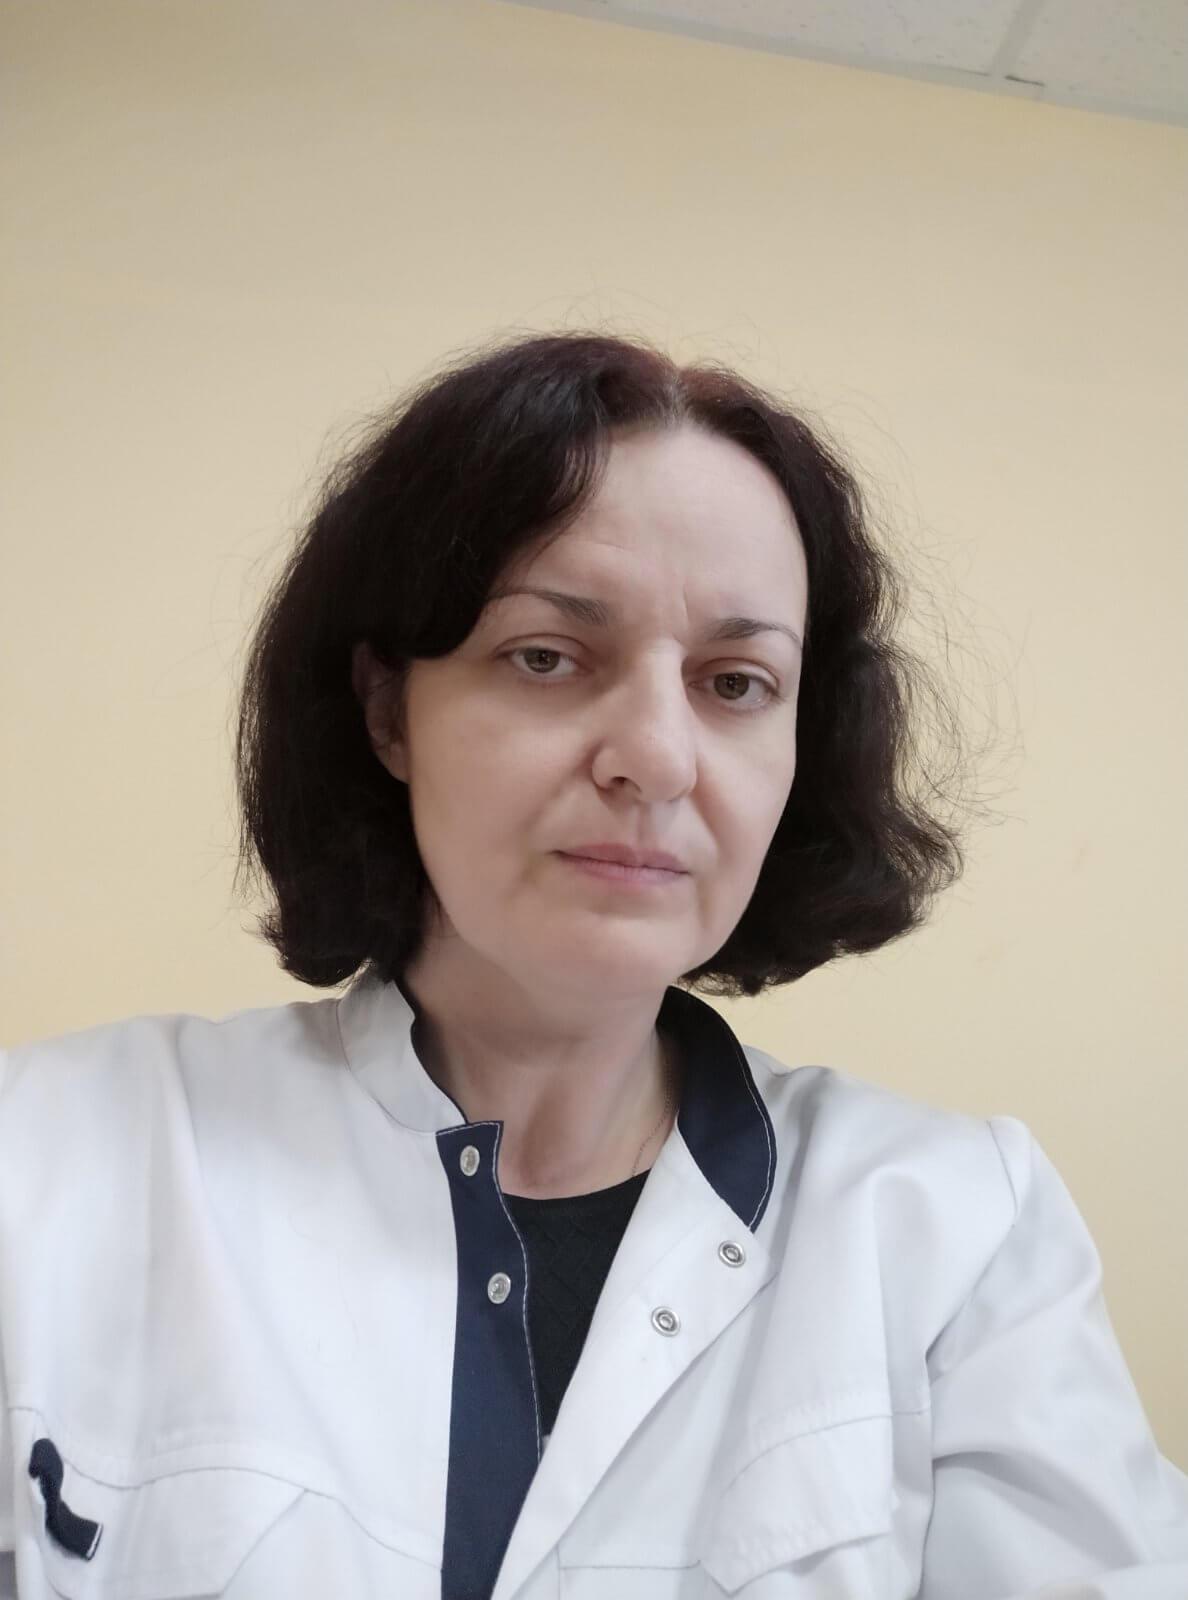 Лашевич Ольга Иосифовна — семейный врач